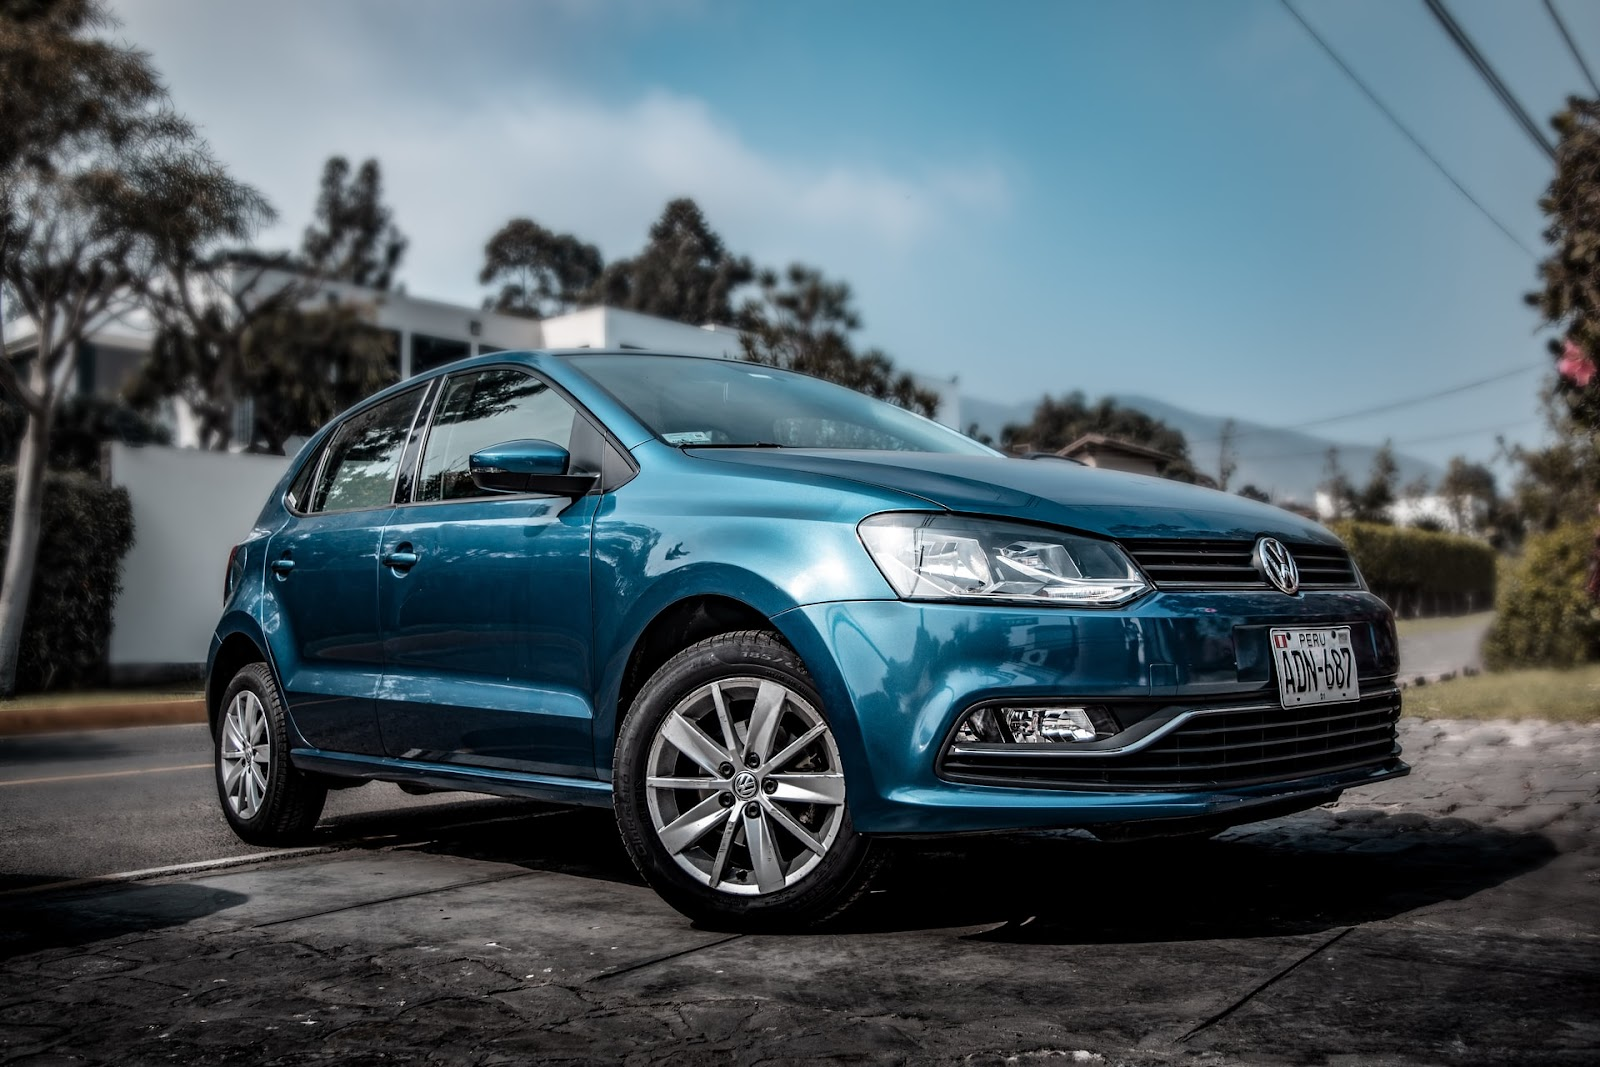 Praticamente todos os carros vendidos atualmente, mesmo populares, têm injeção eletrônica (Imagem: Jose Carbajal/Unsplash)